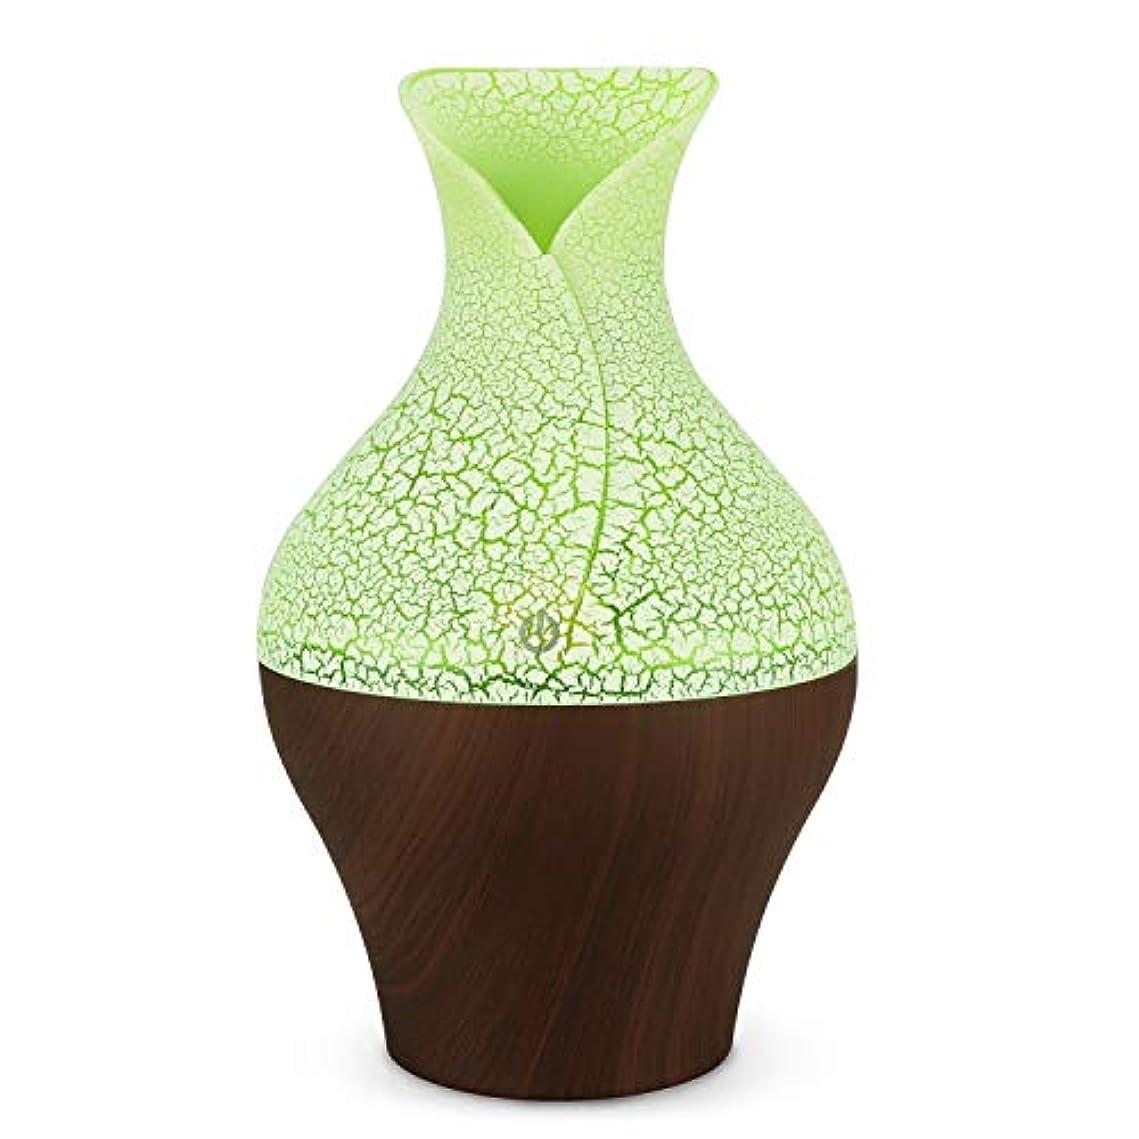 エネルギー獣関連付けるミスト加湿器については内務省のベッドルームベビールームの使用をクール250mlのエッセンシャルオイルディフューザー花瓶字型 (Color : Deep wood grain, Size : 10×17.4)